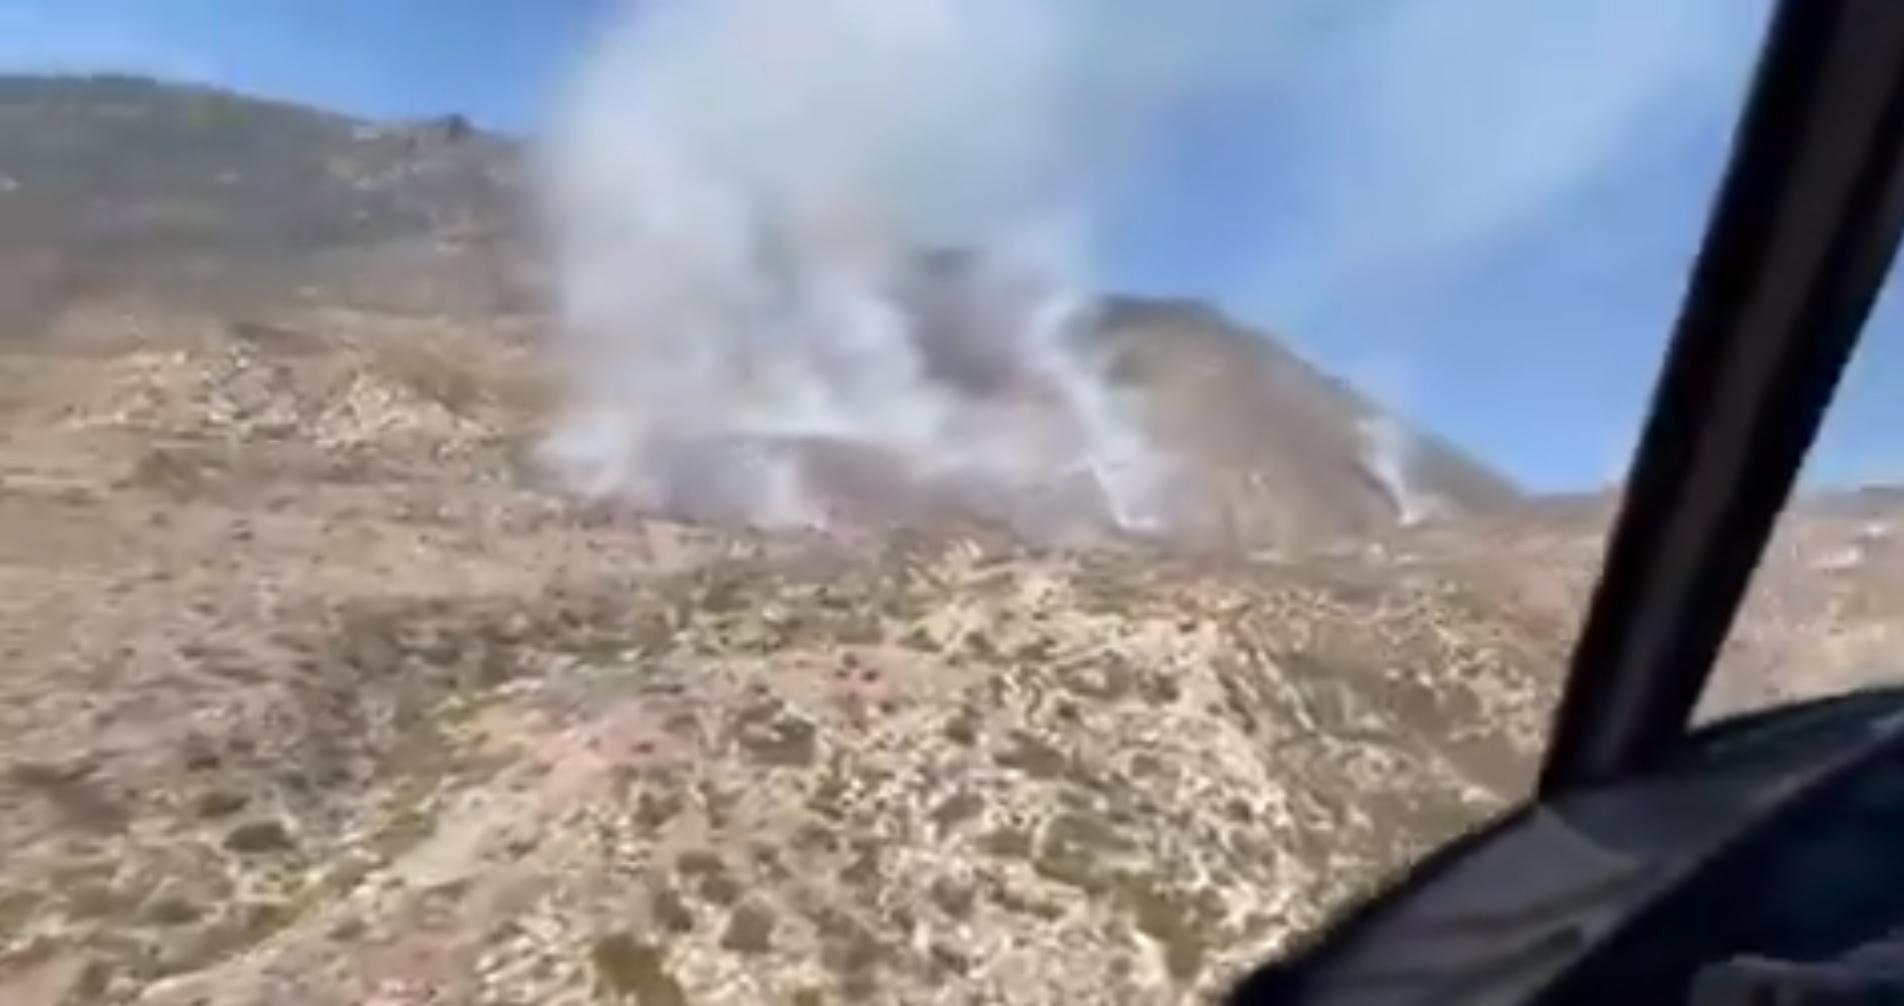 聖地牙哥東郡偏遠沙漠爆發「Overland Fire」,地處荒漠地面人員難以接近,多透過消防直升機進行任務。聖地牙哥縣警局推特